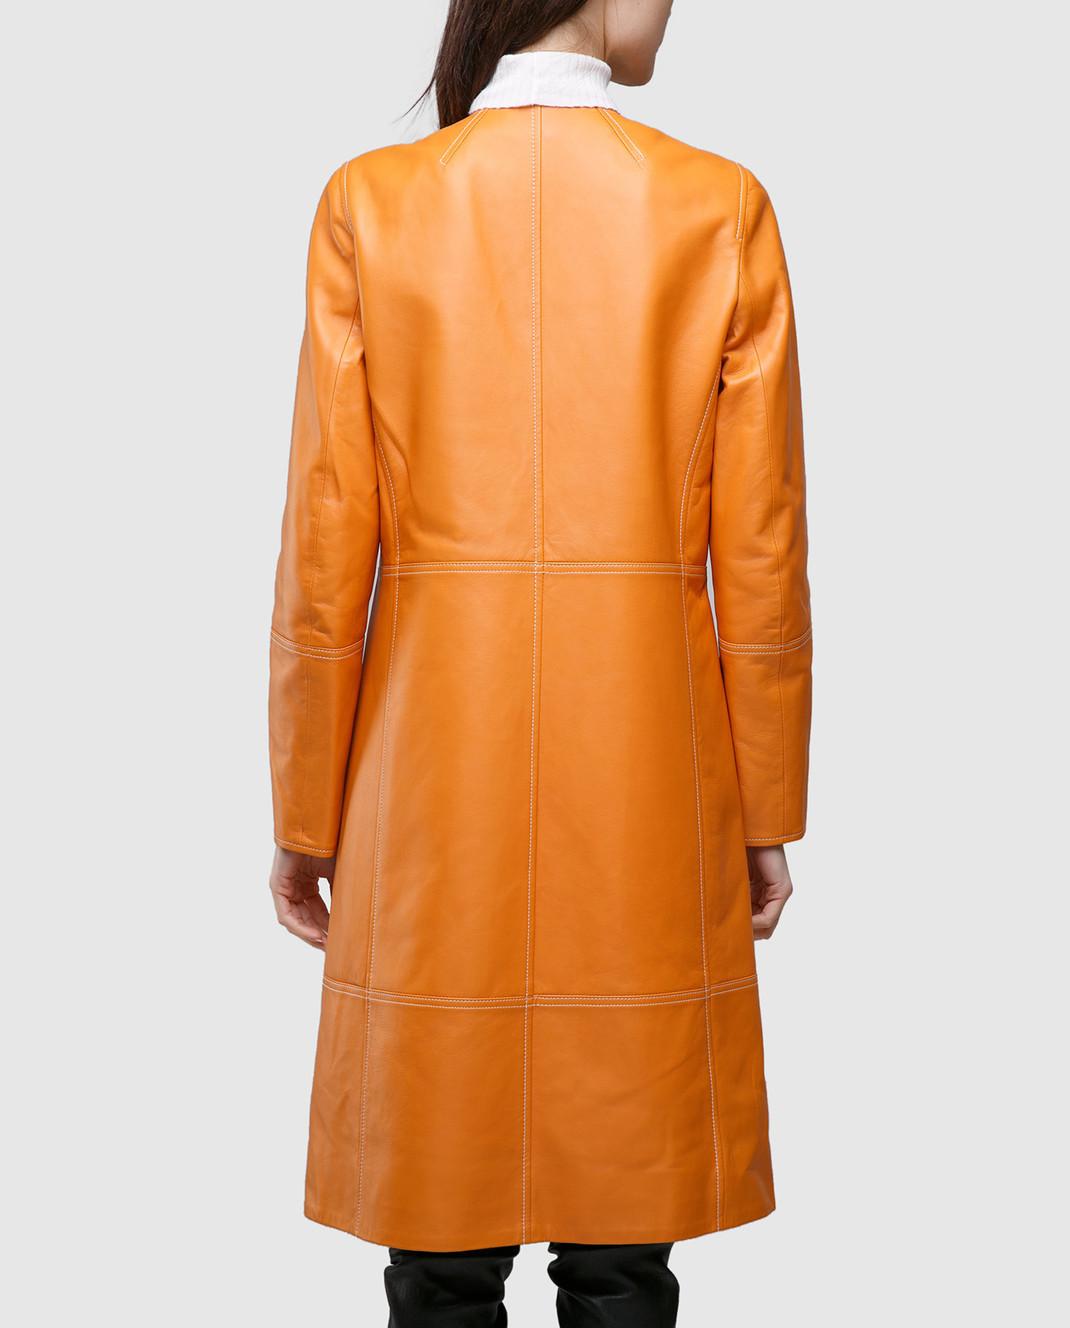 Yves Salomon Оранжевый плащ из кожи ягненка 7EYM20401APXX изображение 4